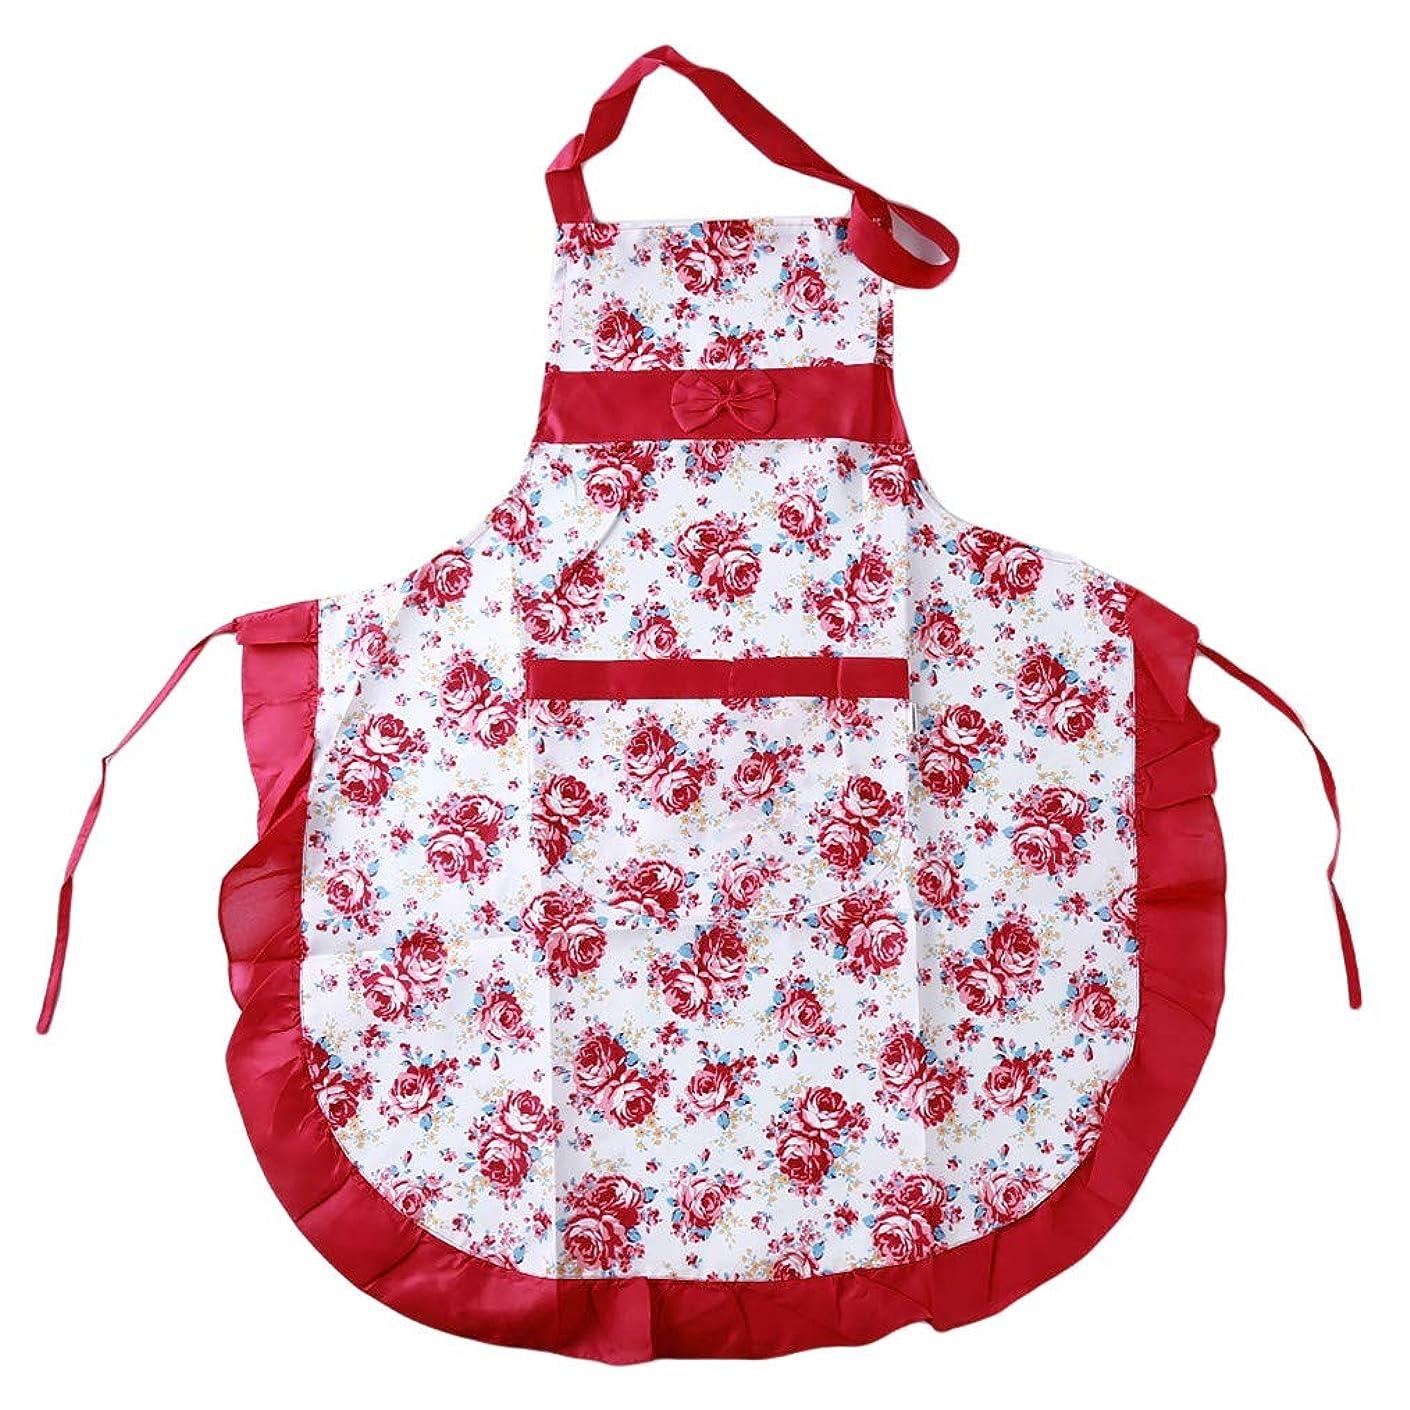 カウントアップセッションセーターCngstar エプロン 花柄 女性用 かわいい 丈短い お洒落 動きやすい 仕事用 家庭用 シワになりにくい 母の日 プレゼント (ピンク)